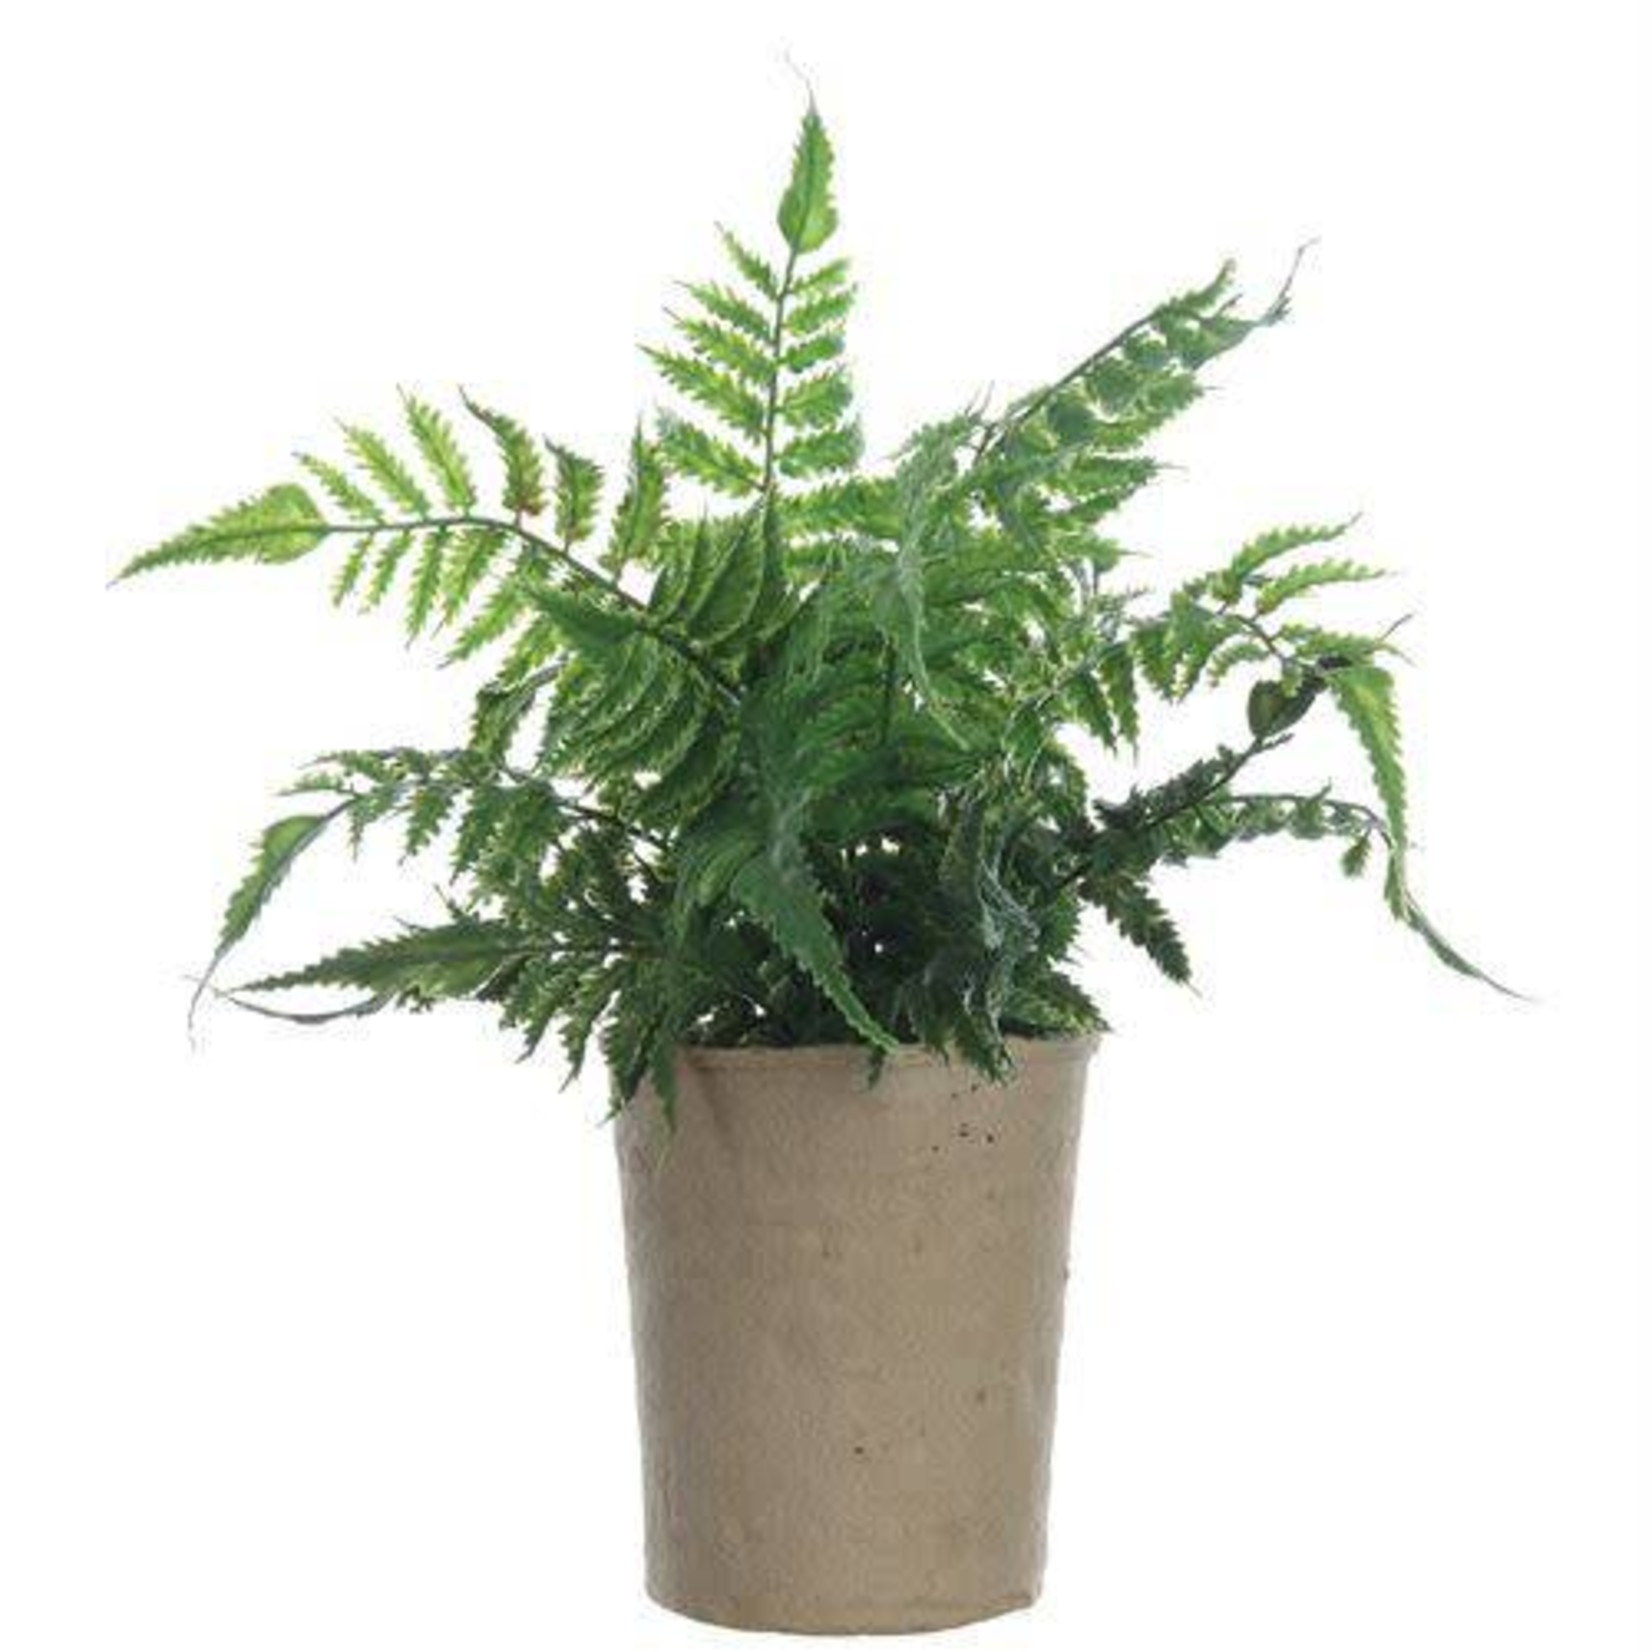 Fern Plant in Paper Pot